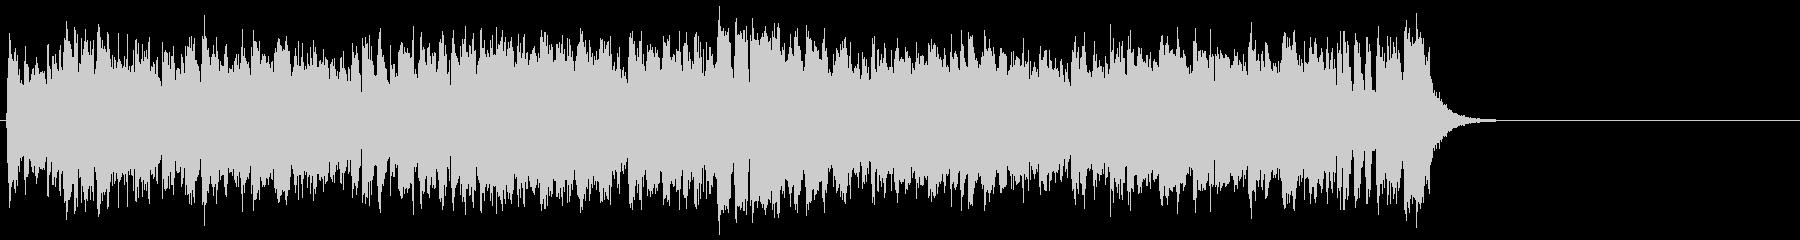 リゾート風の軽快なポップ(サビ~エンド)の未再生の波形